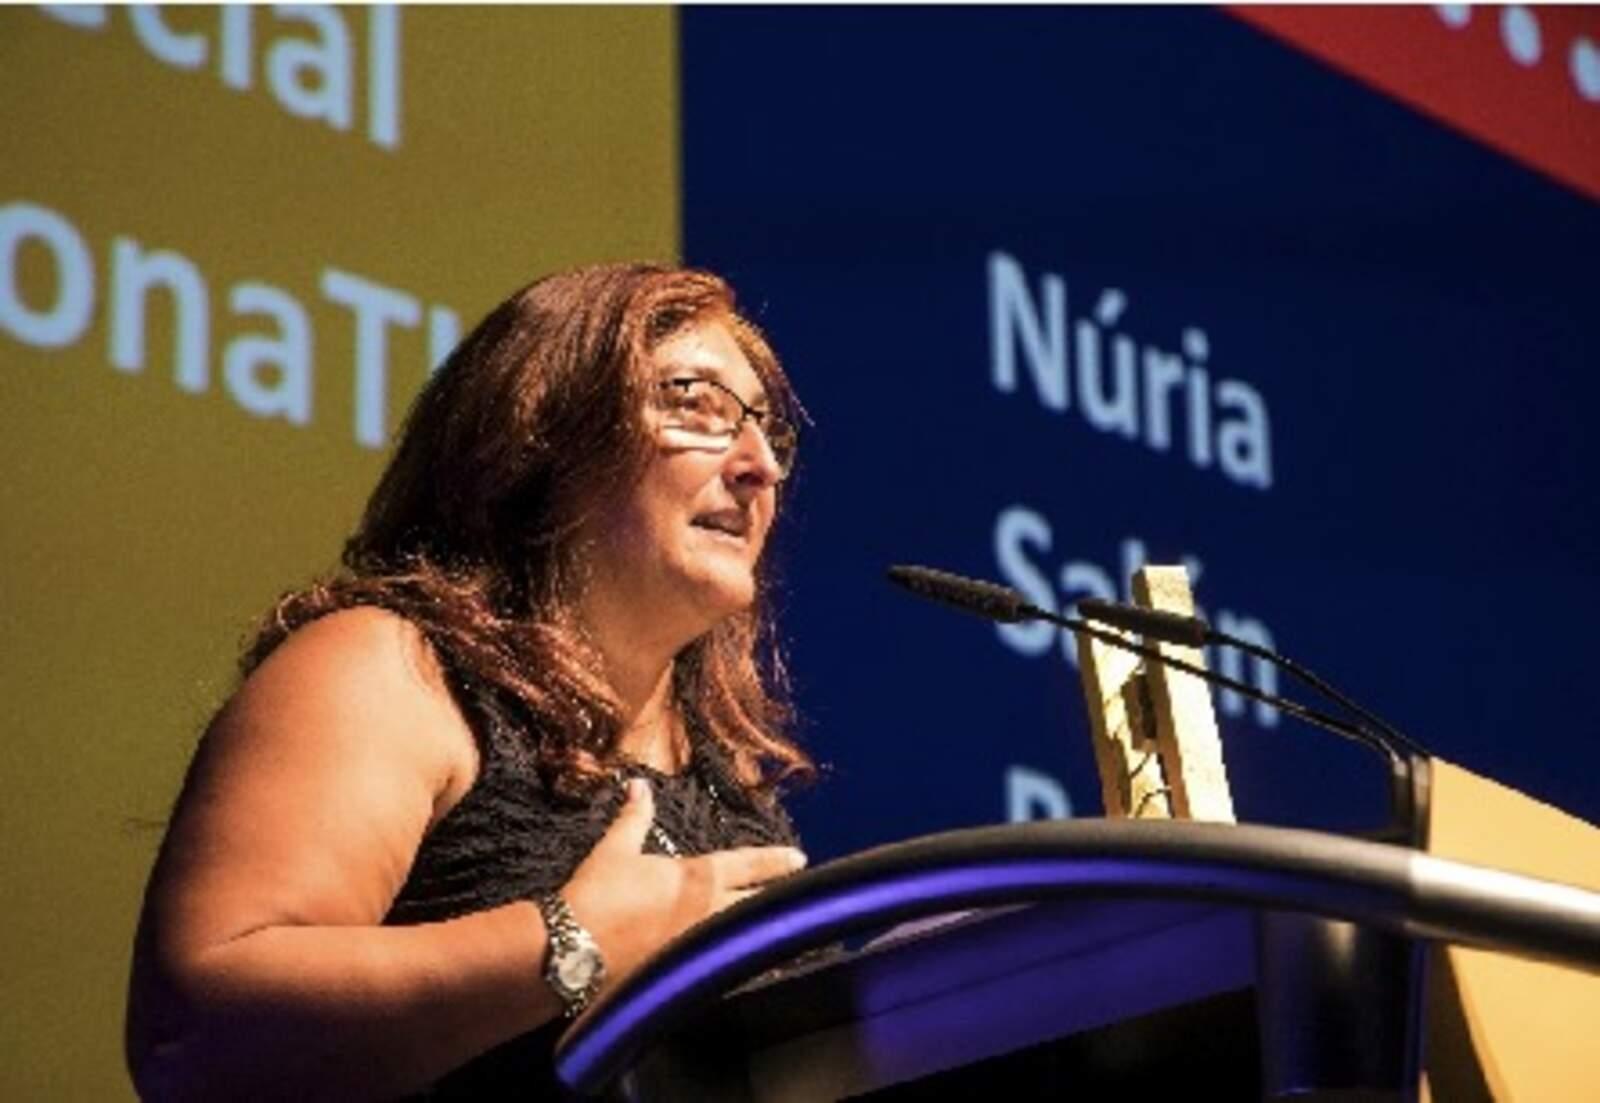 Núria Salán Ballesteros (UPC) Presidenta de la Societat Catalana de Tecnologia Membre del Comitè Organitzador del Congrés Dones, Ciència i Tecnologia WSCITECH